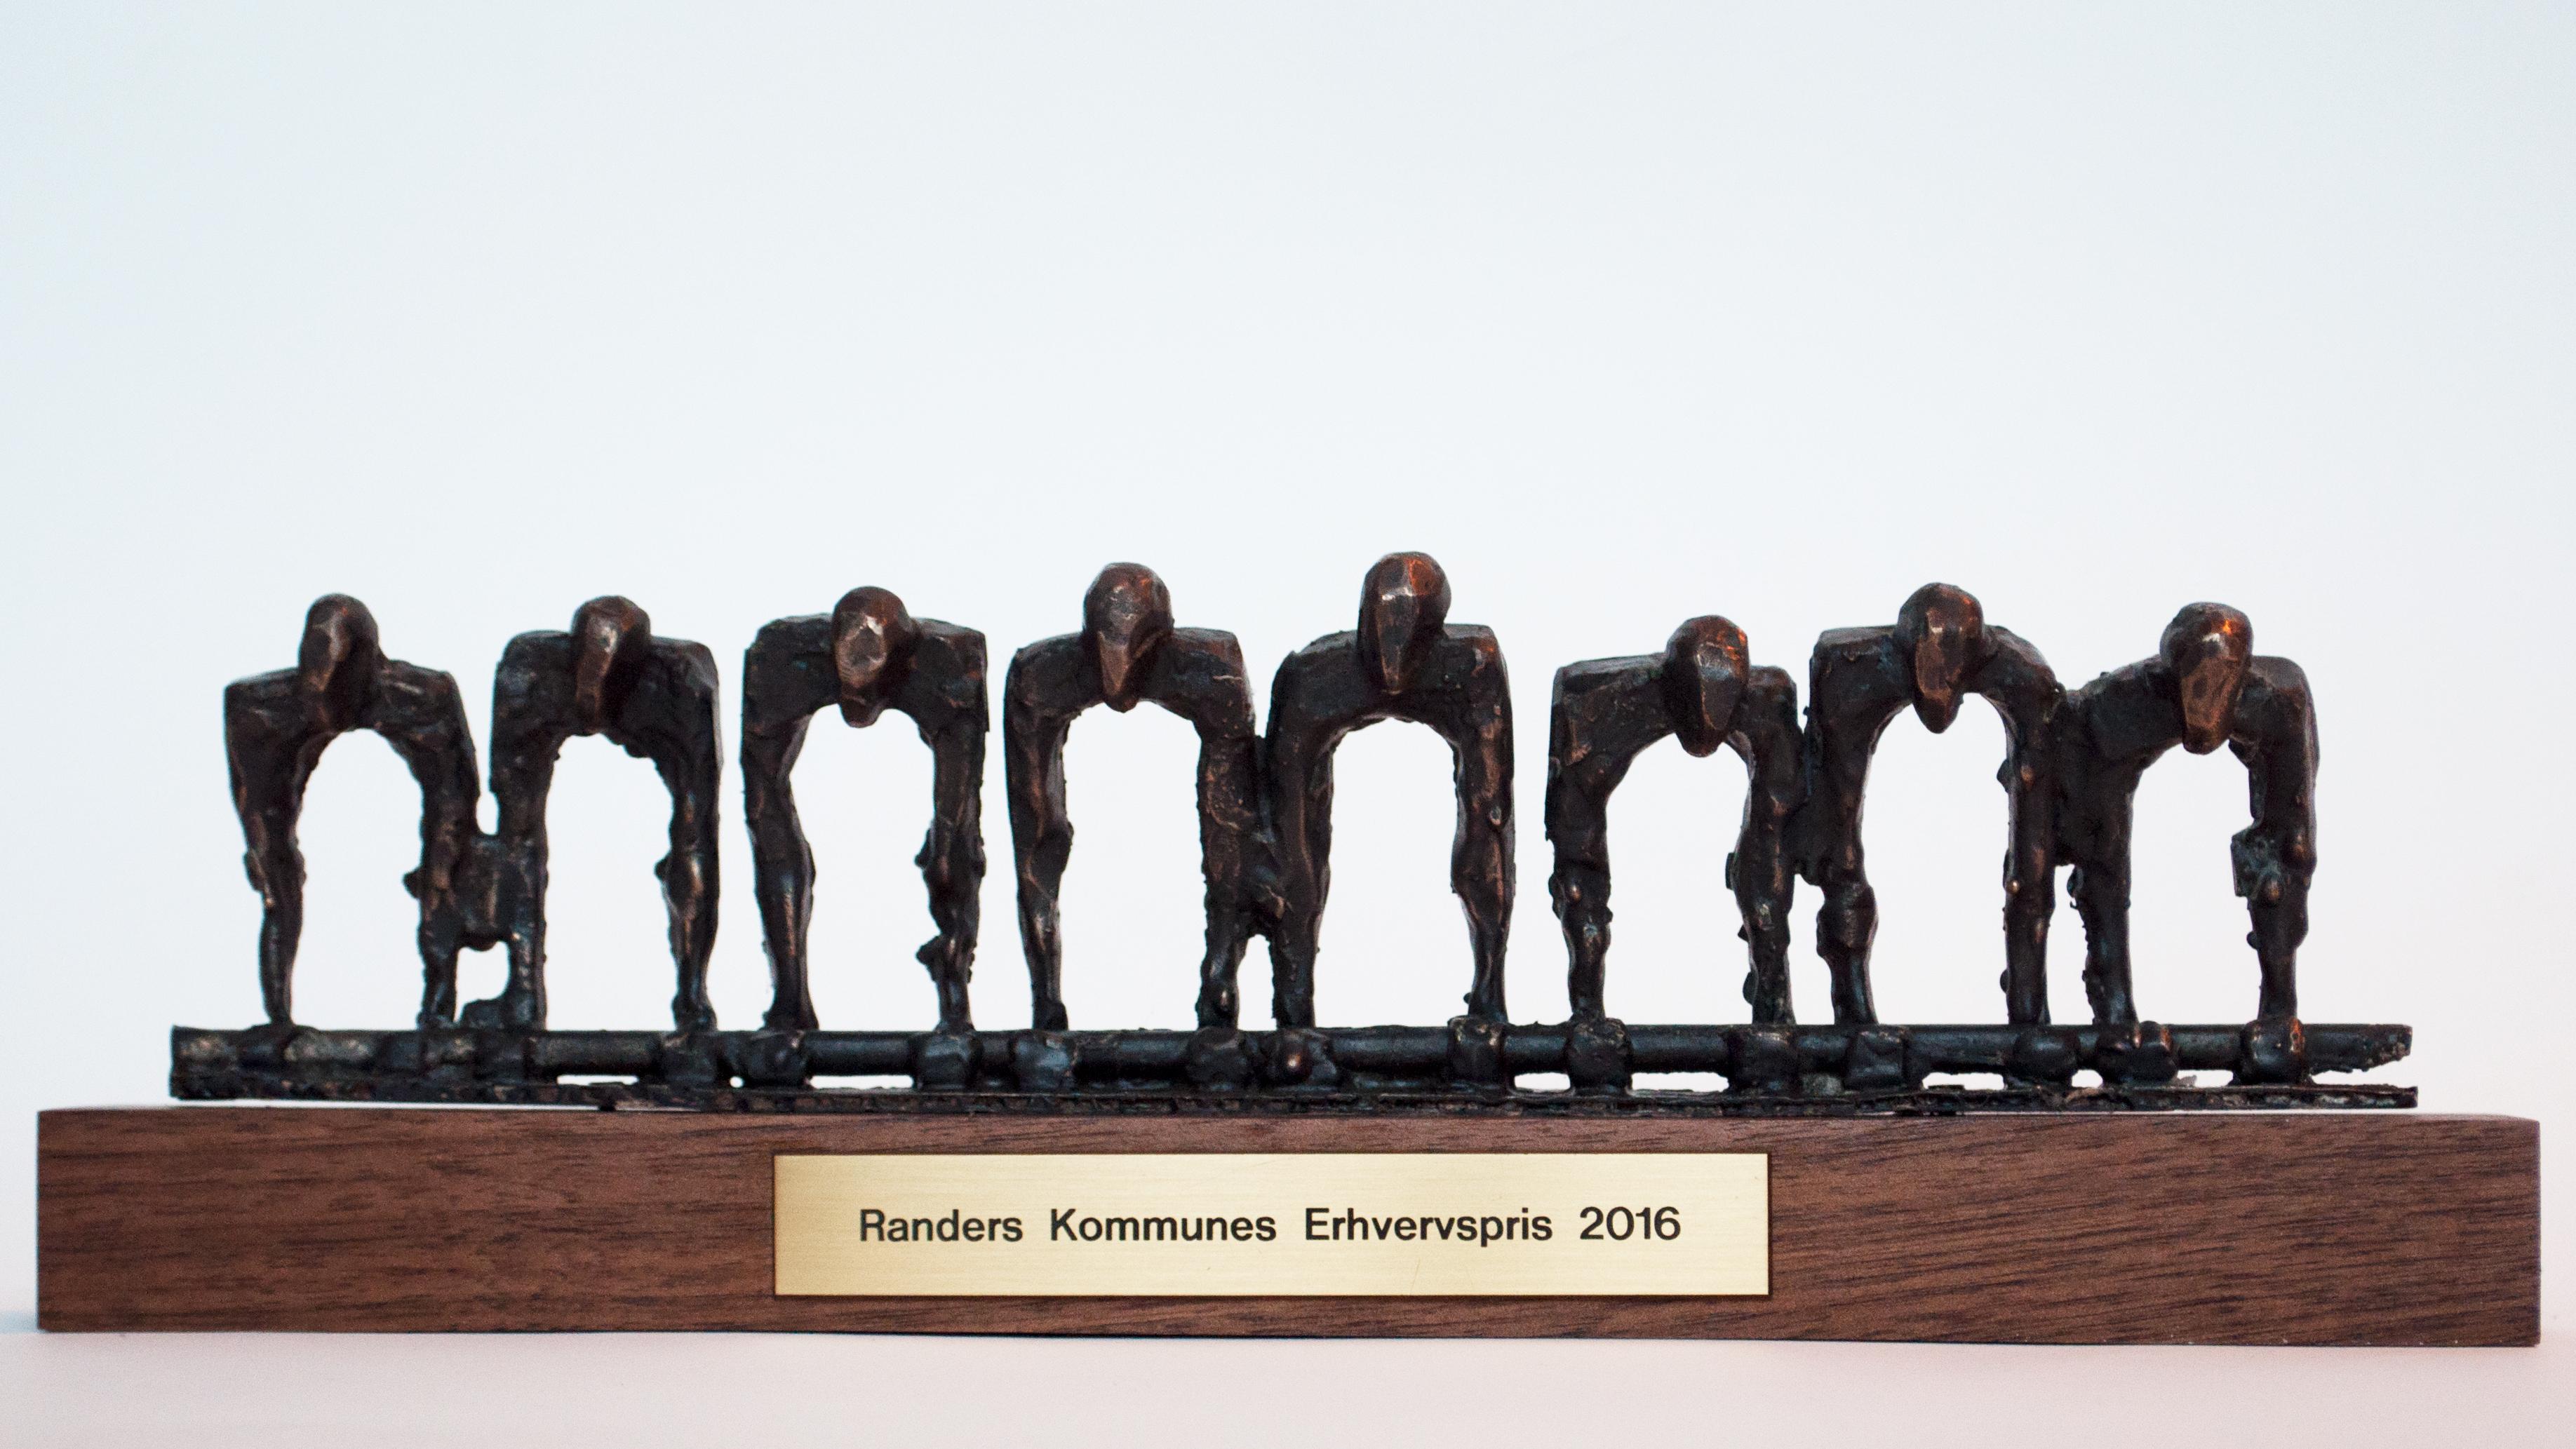 // Randers Kommunes Erhvervspris 2016